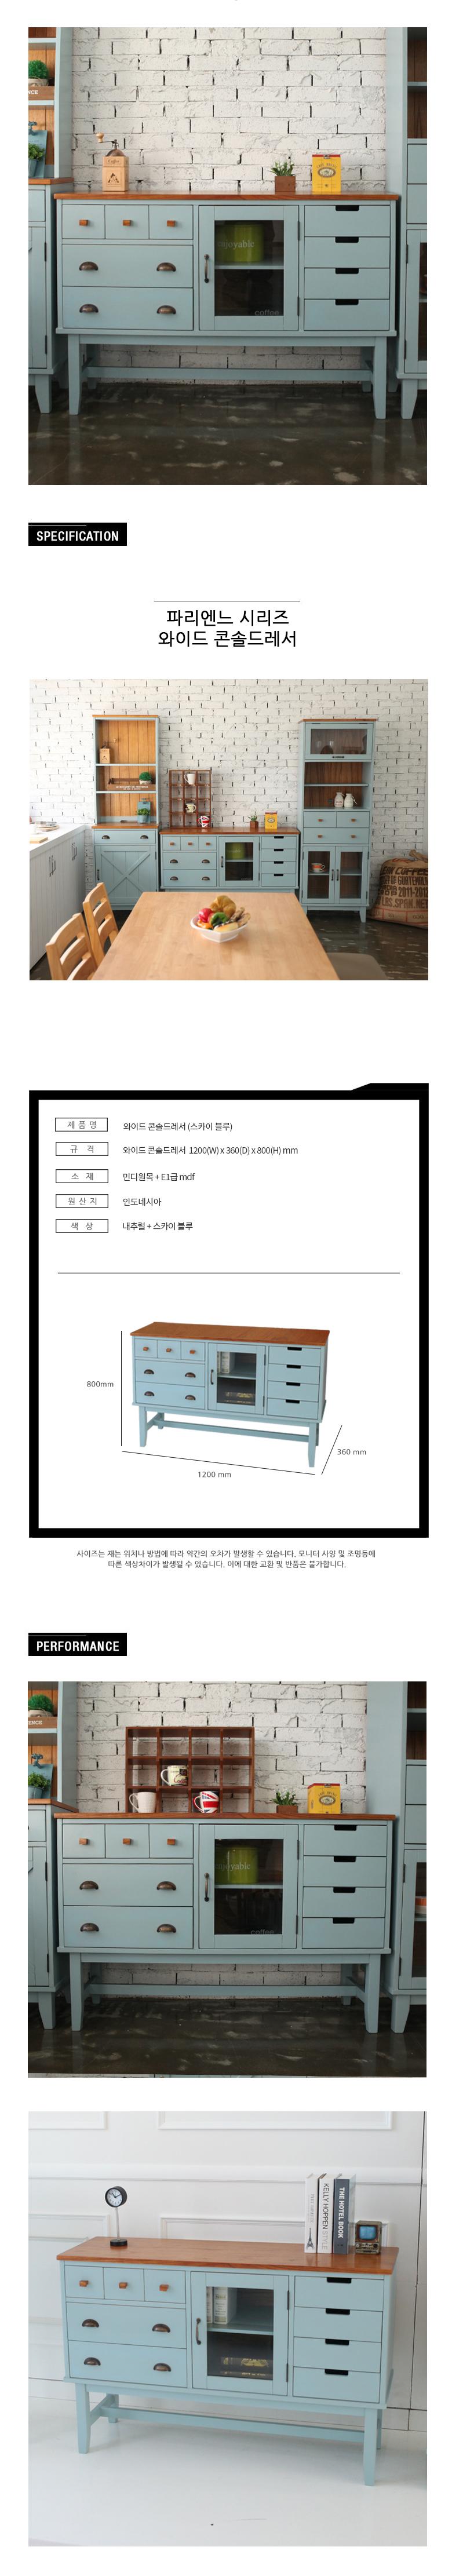 파리엔느 와이드 콘솔 드레서 (스카이블루) - 가구언니, 399,000원, 서랍장, 와이드 서랍장